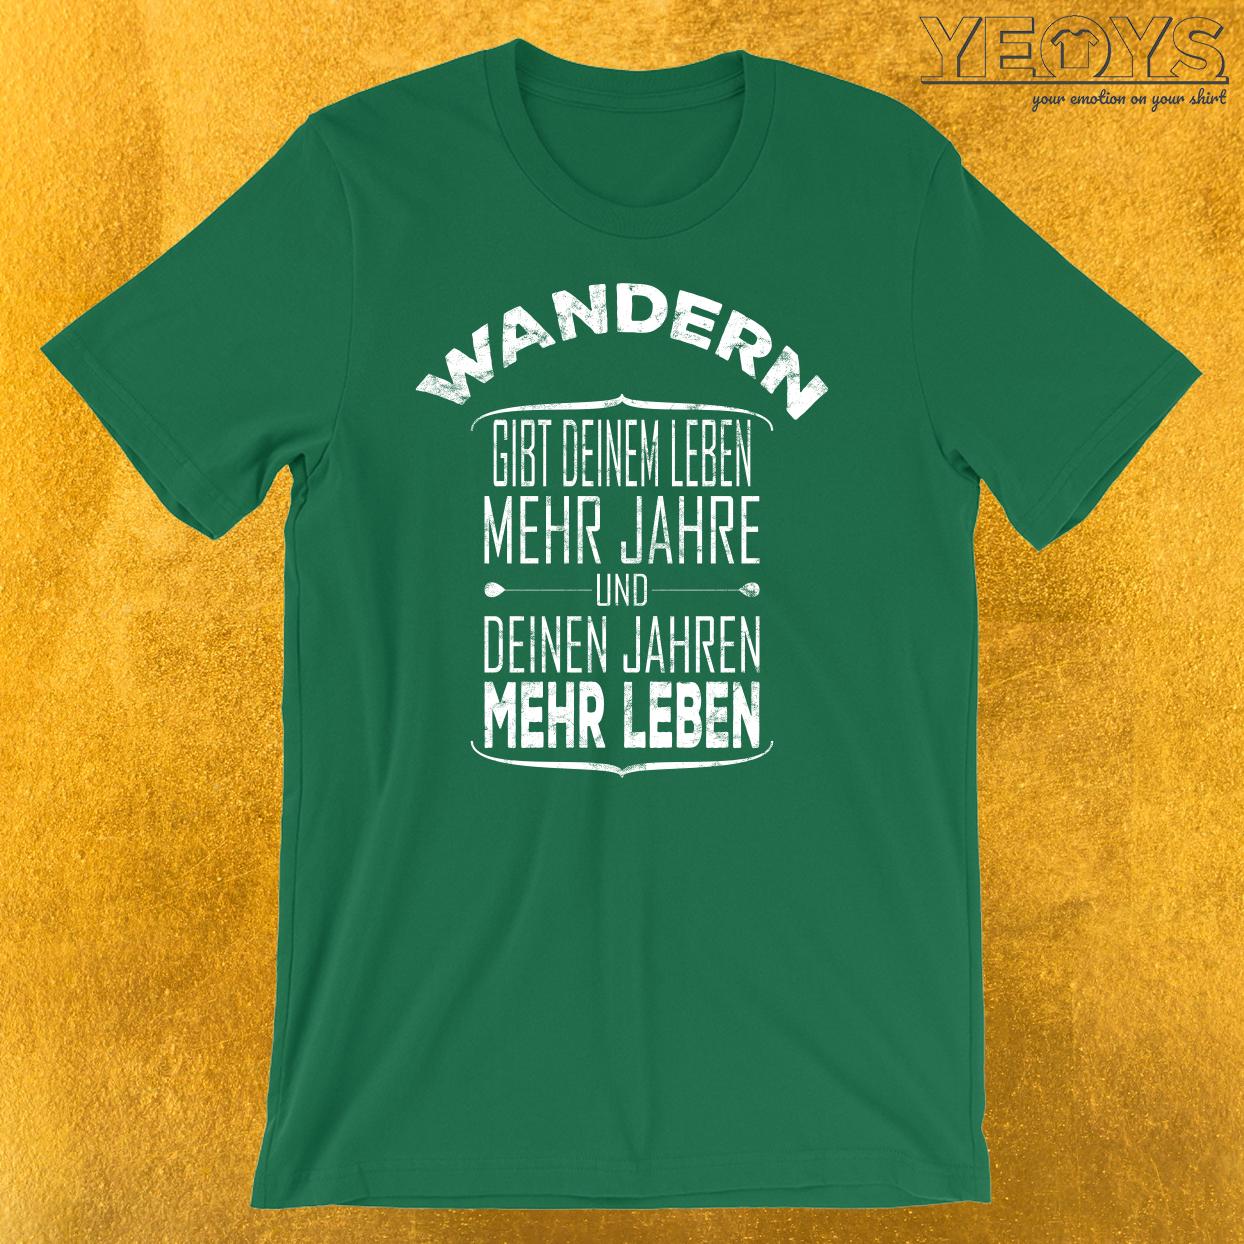 Wandern gibt deinem Leben mehr Jahre T-Shirt